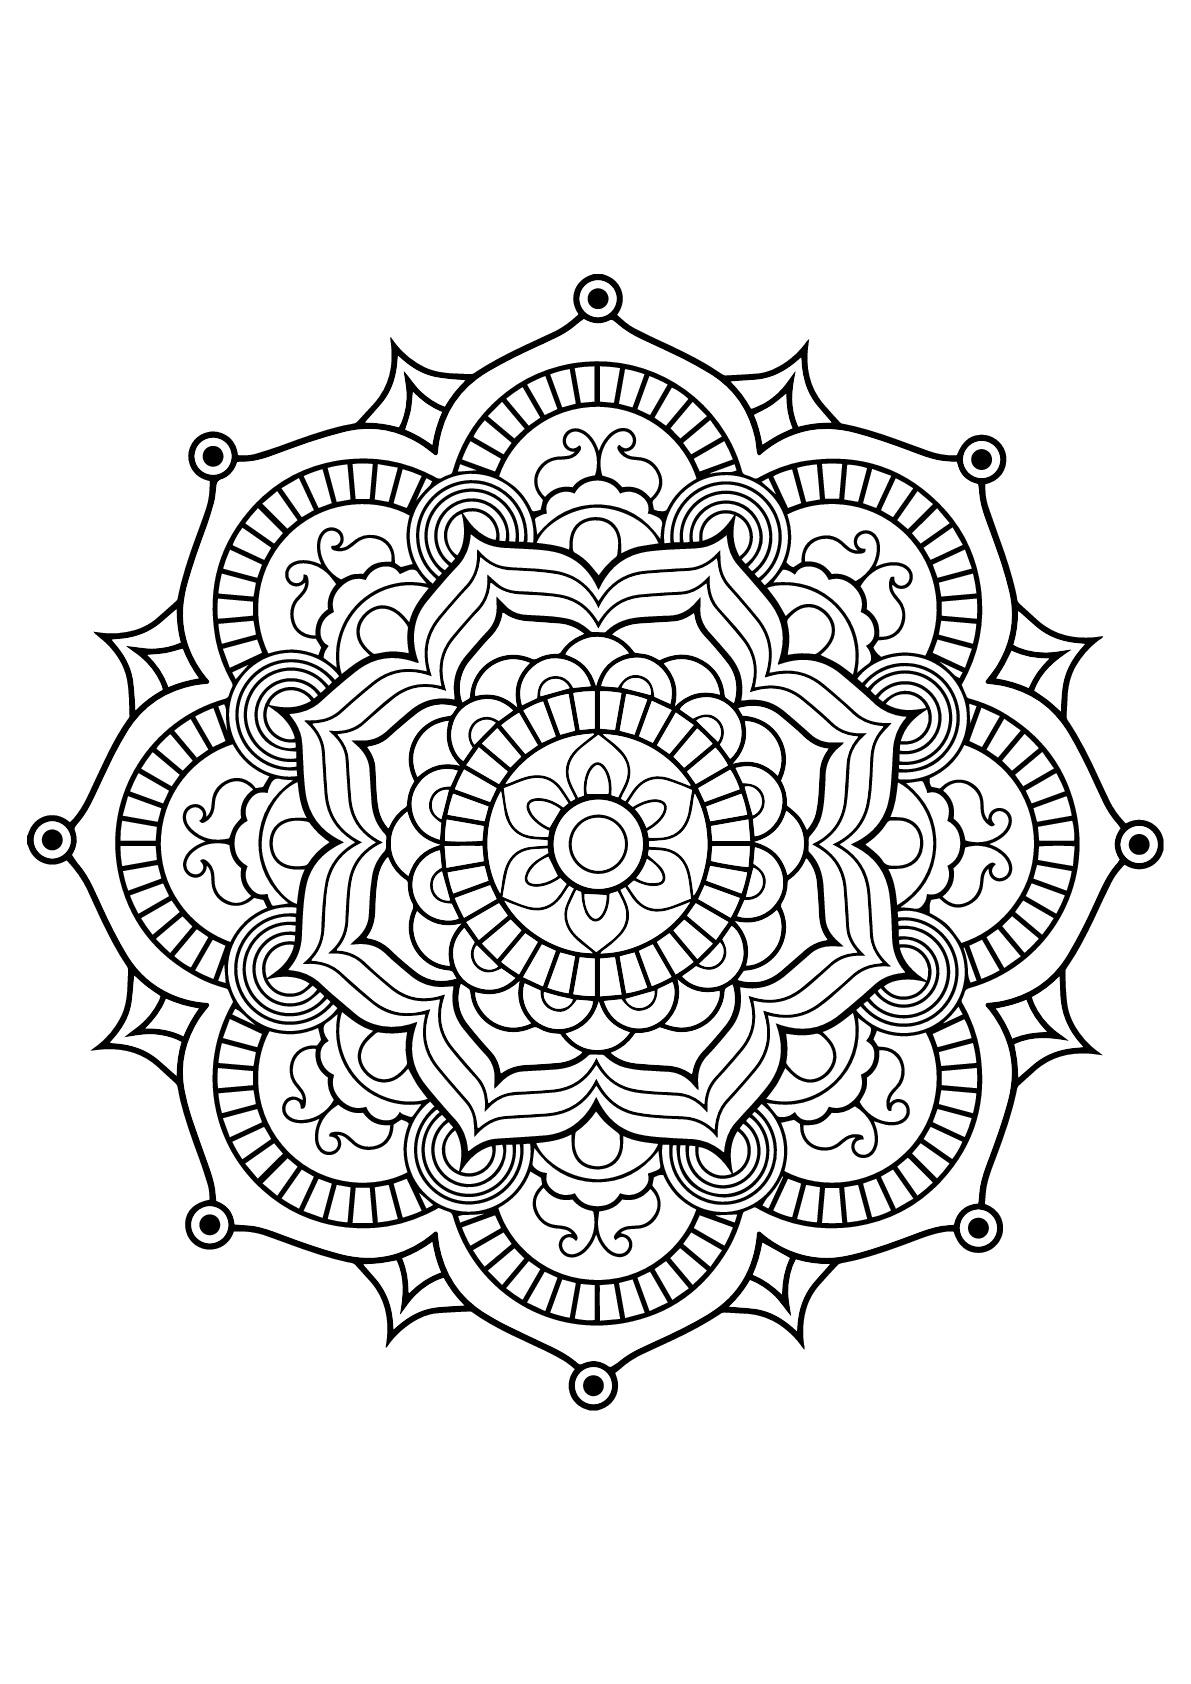 Mandala Livre Gratuit 8 Mandalas Coloriages Difficiles Pour Adultes